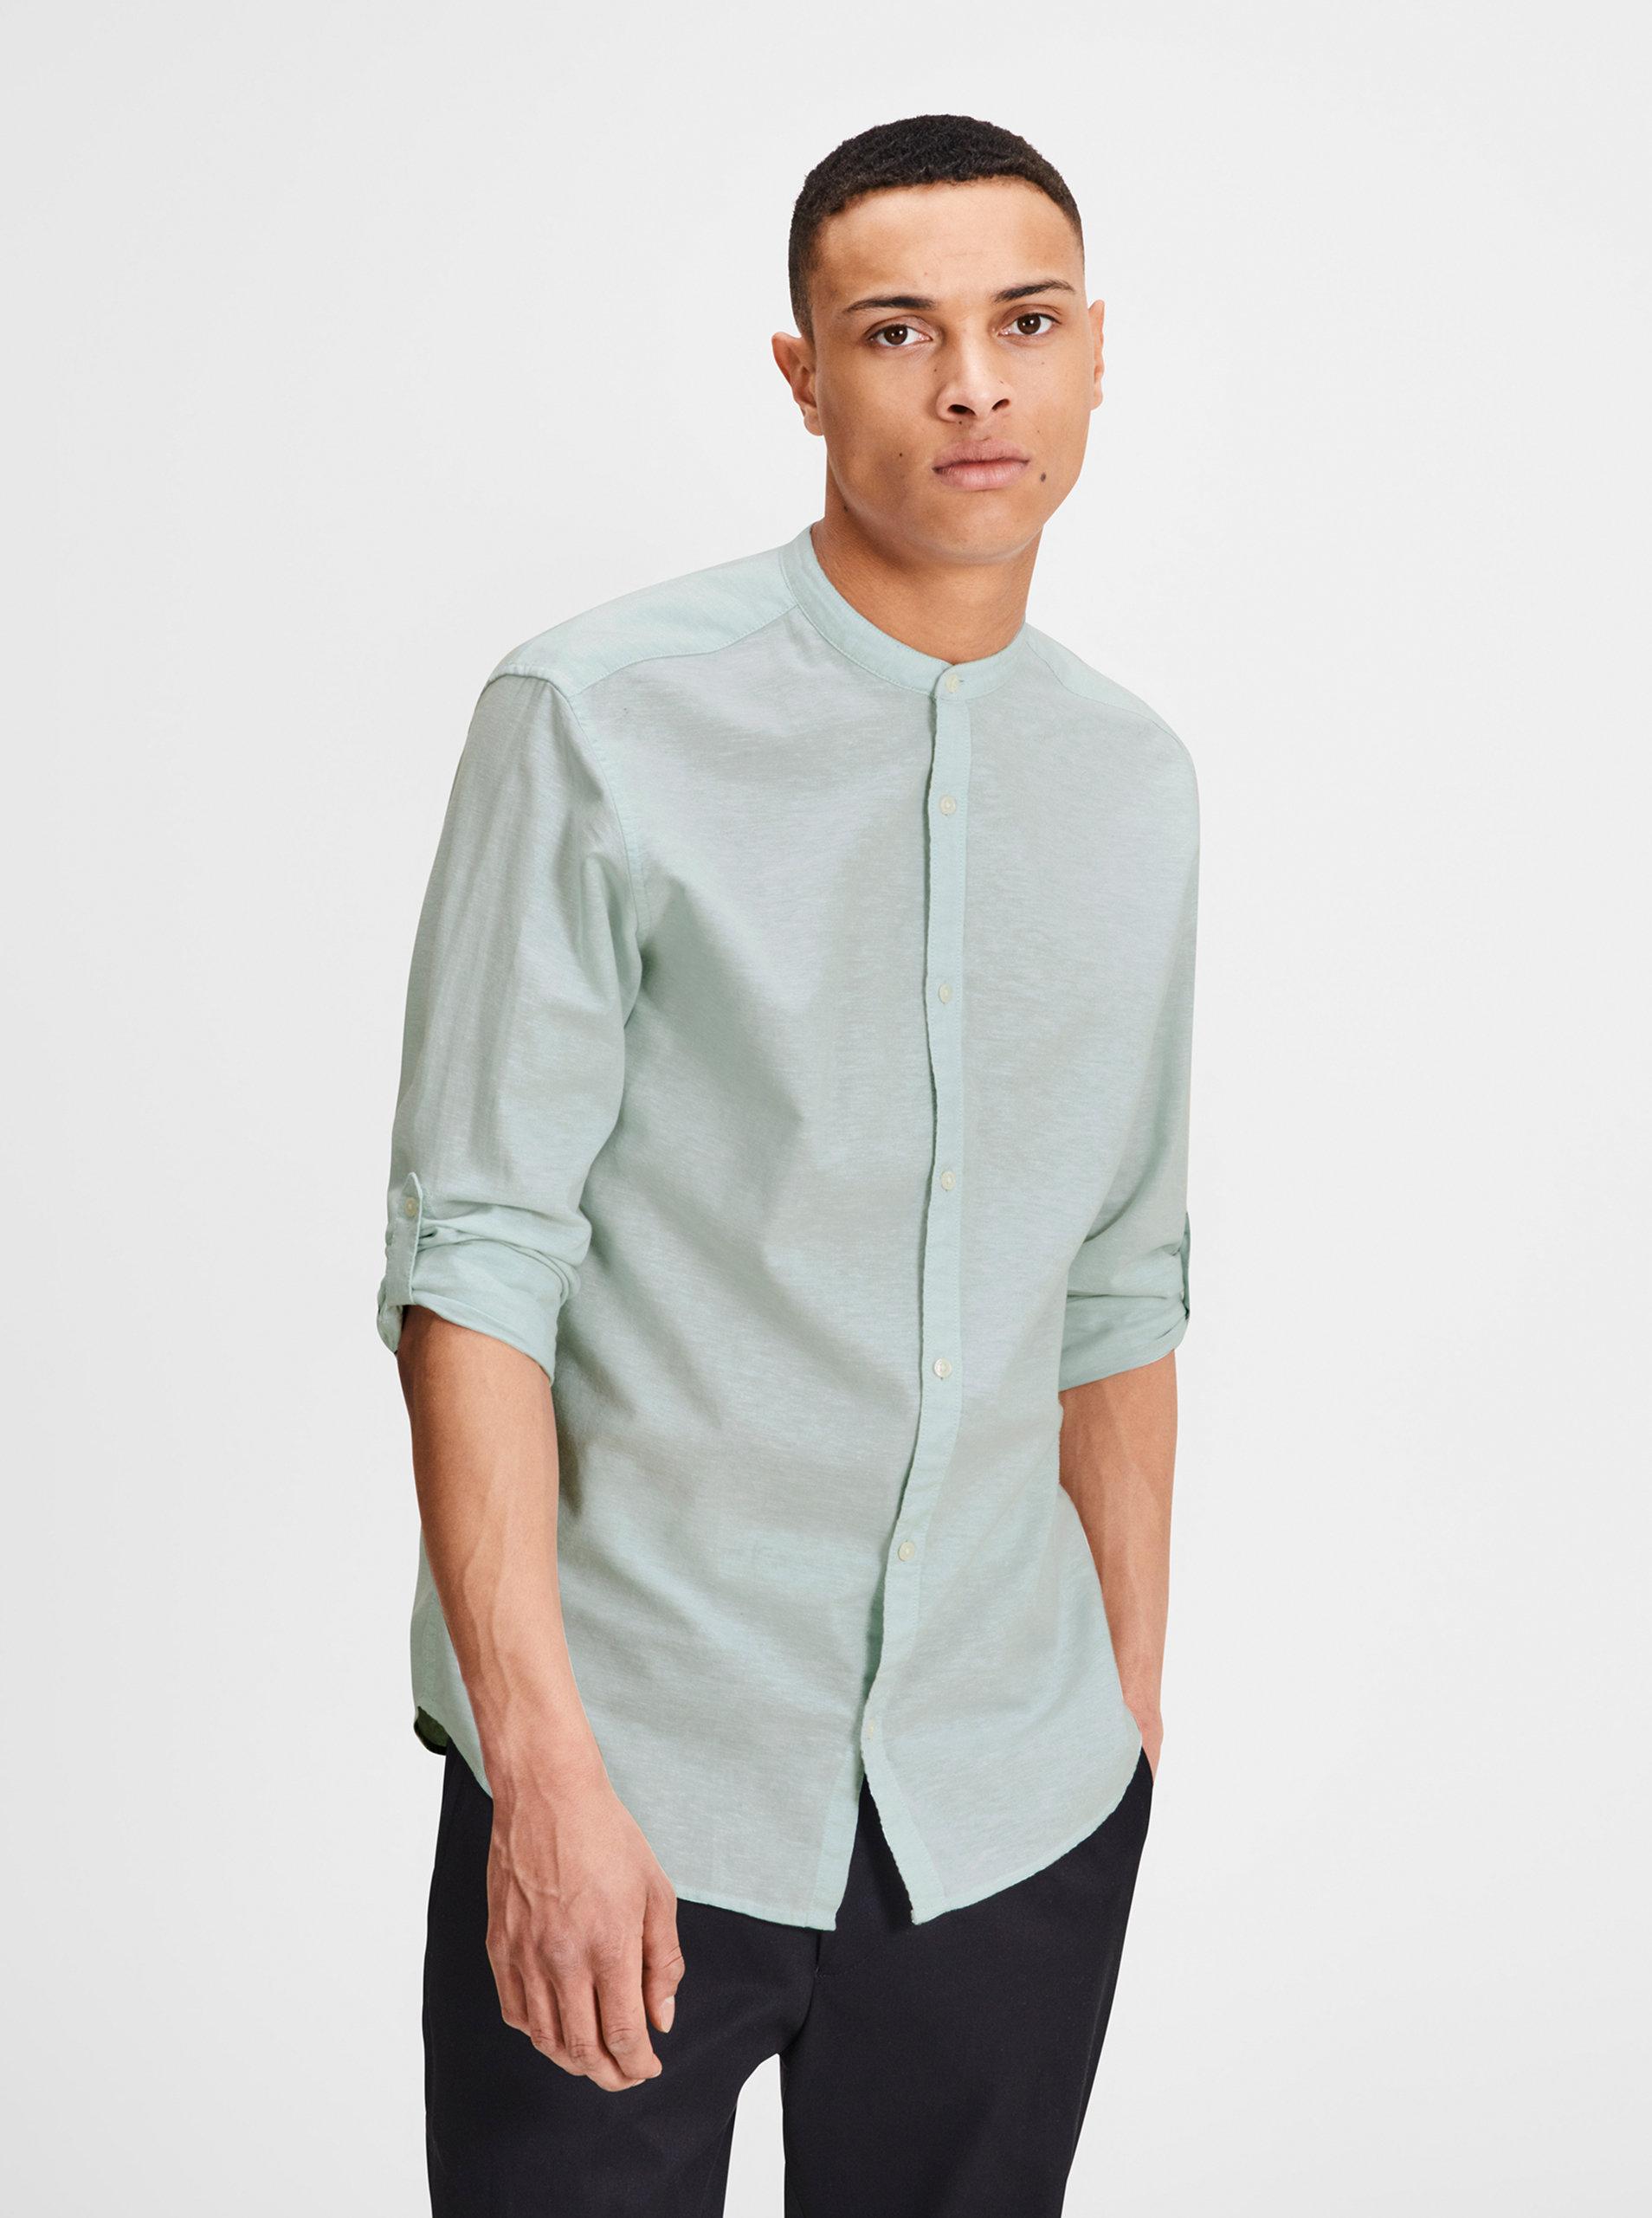 e4c89ab95398 Svetlozelená melírovaná slim fit košeľa s prímesou ľanu Jack   Jones  Premium Summer ...